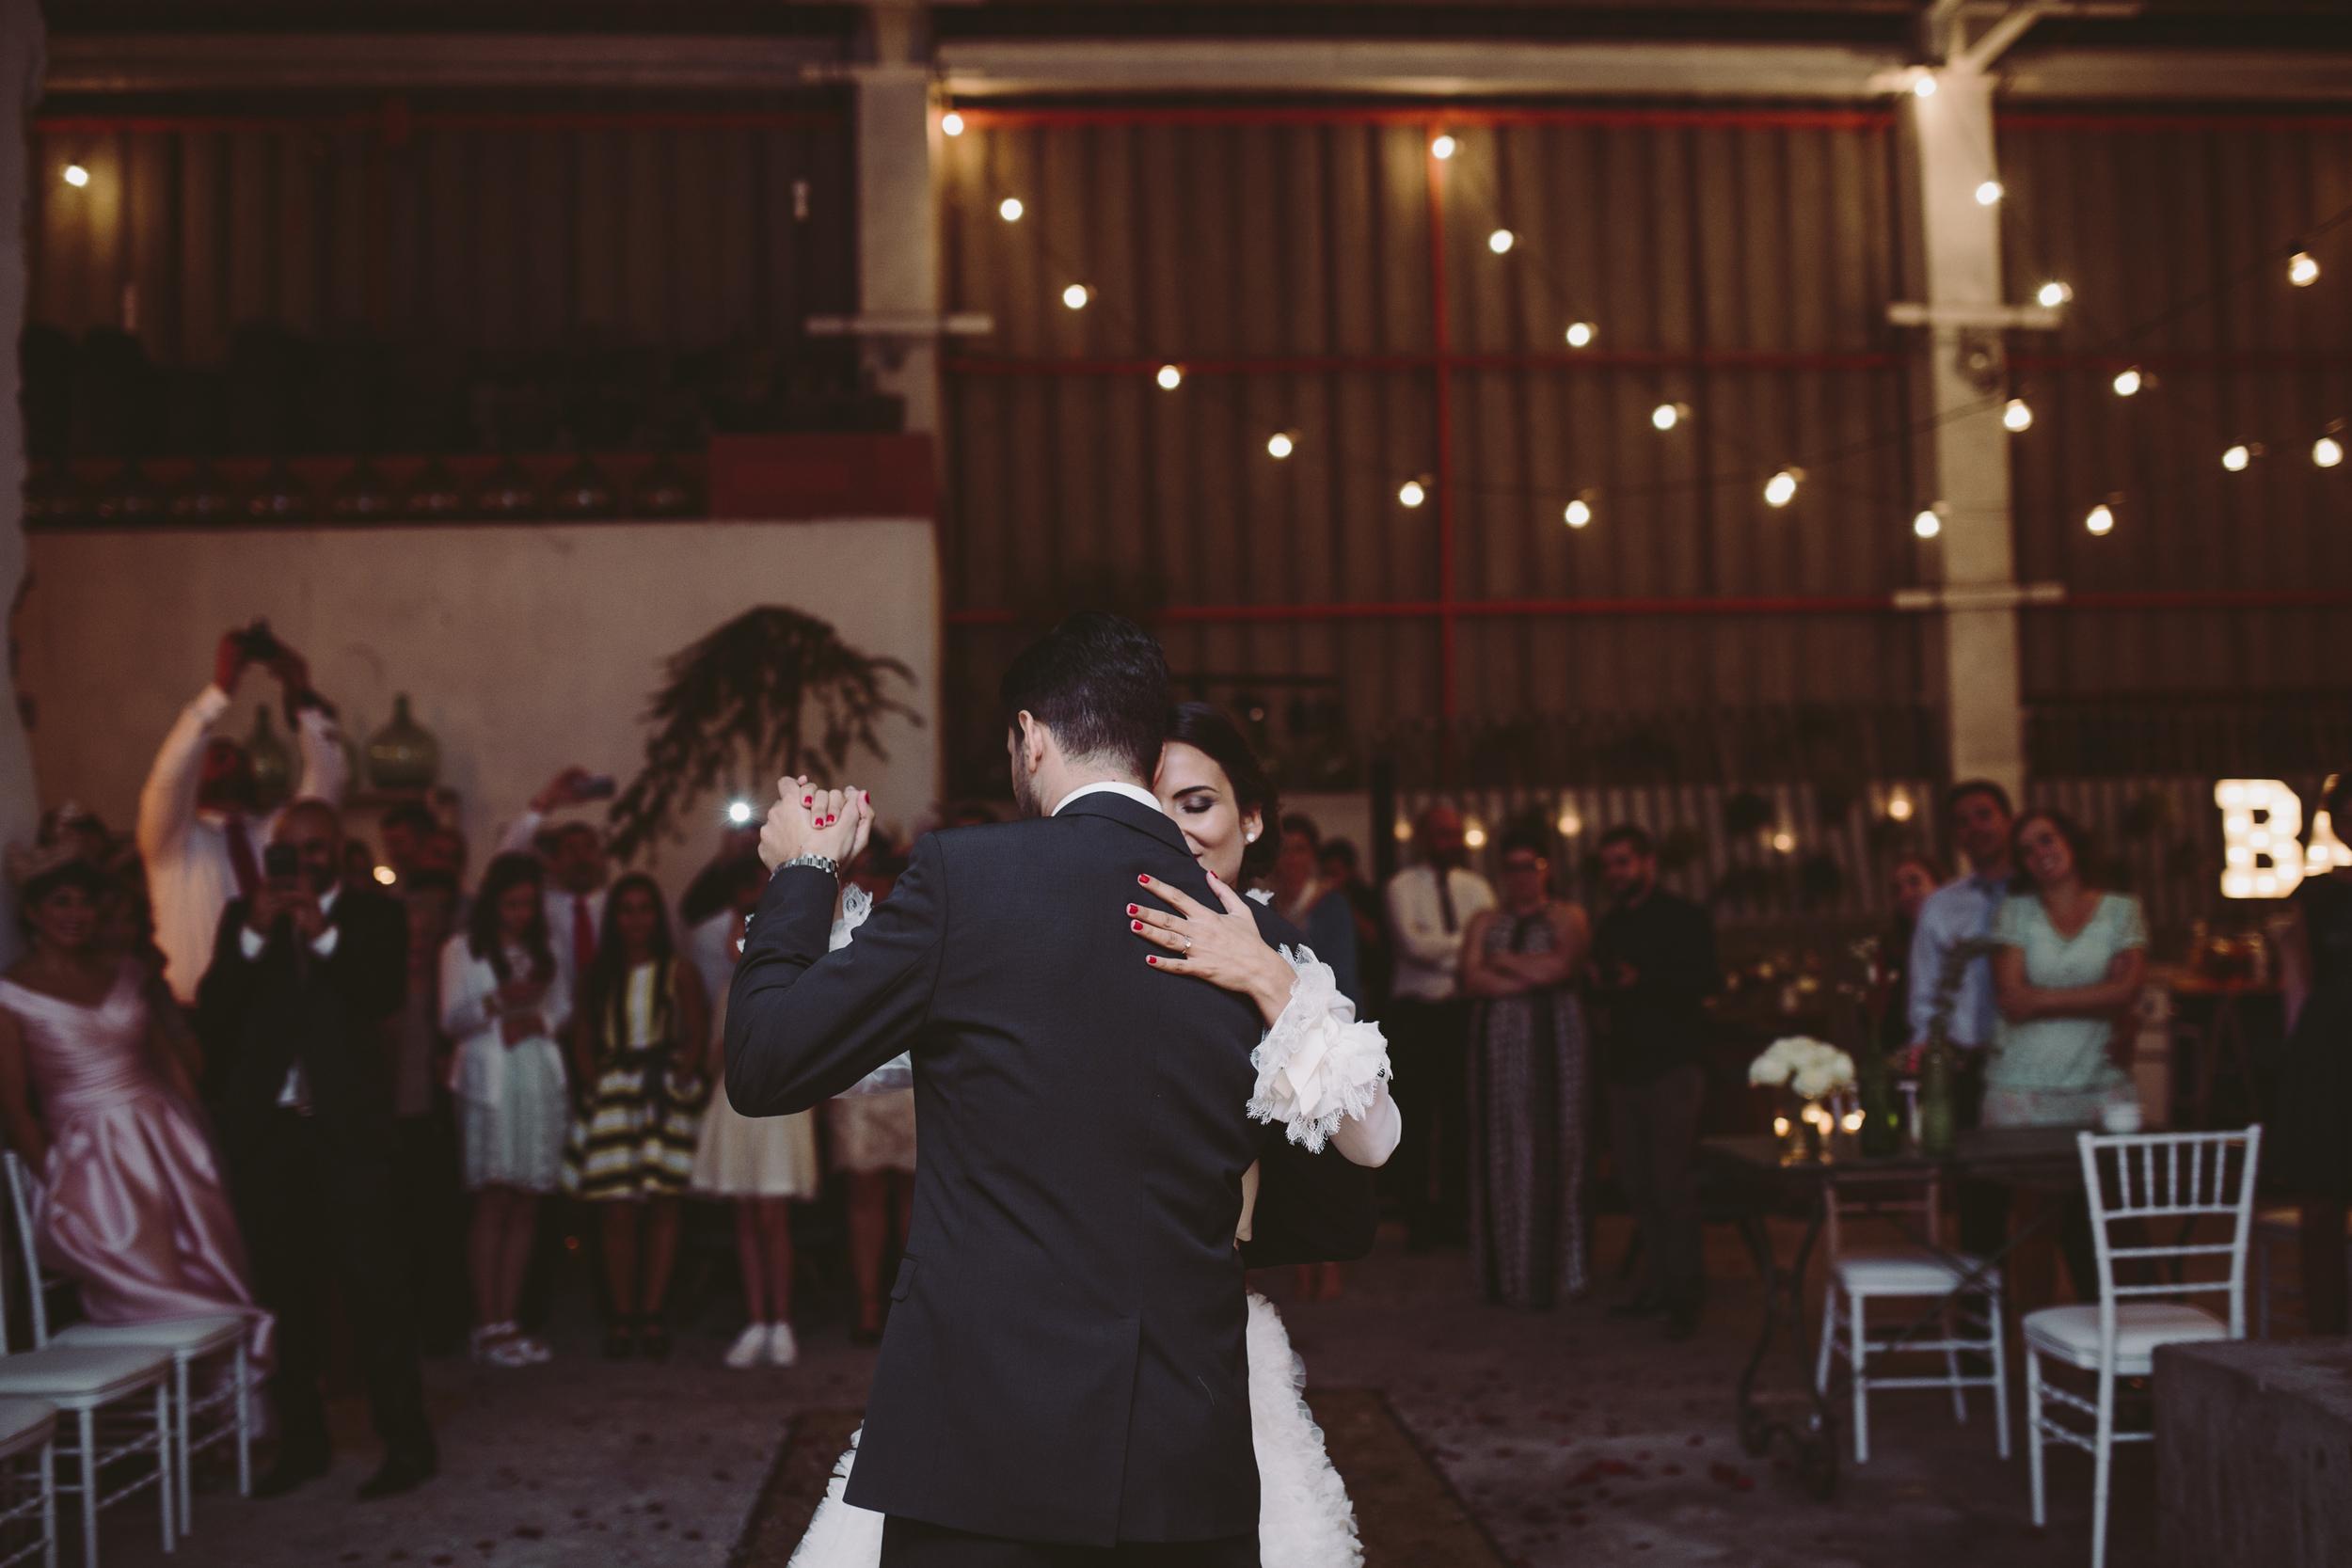 Fotografo bodas Pontevedra Graciela Vilagudin 673.jpg